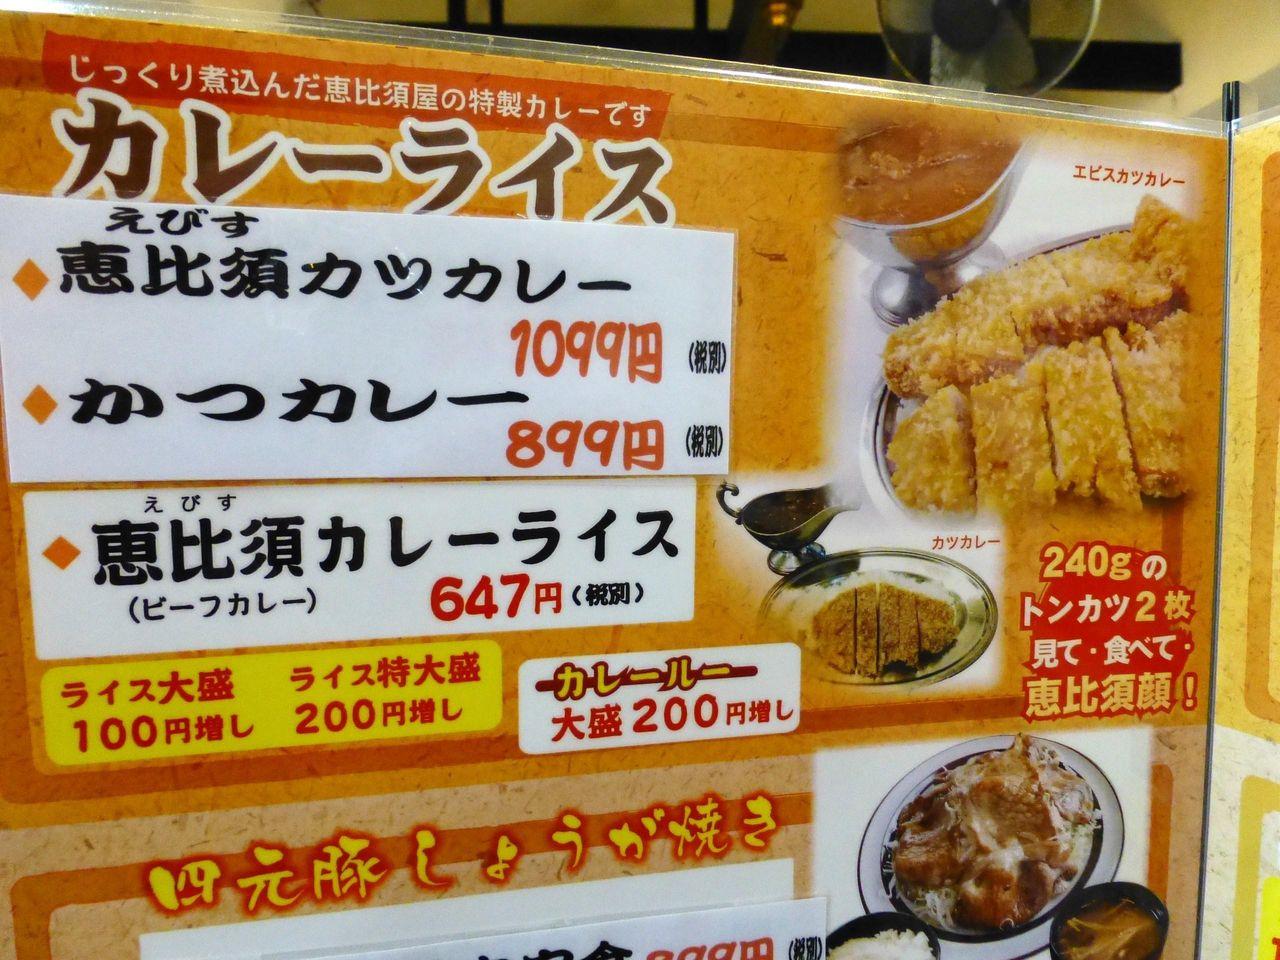 恵比須屋食堂のメニュー(26年8月現在)